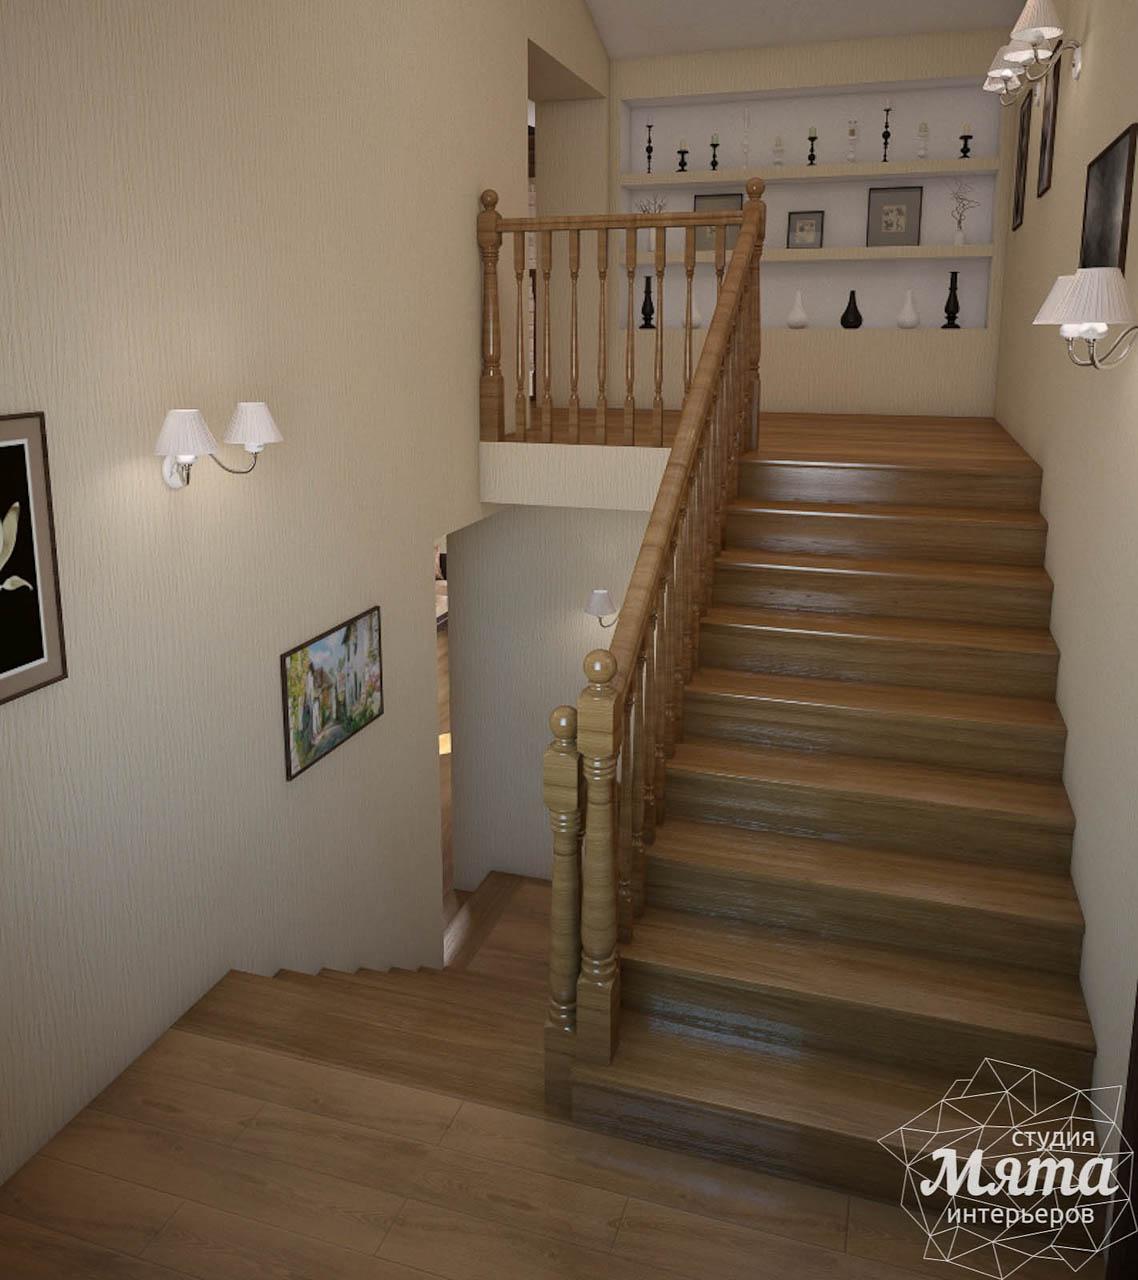 Дизайн интерьера коттеджа в современном стиле в п. Образцово  img502833853